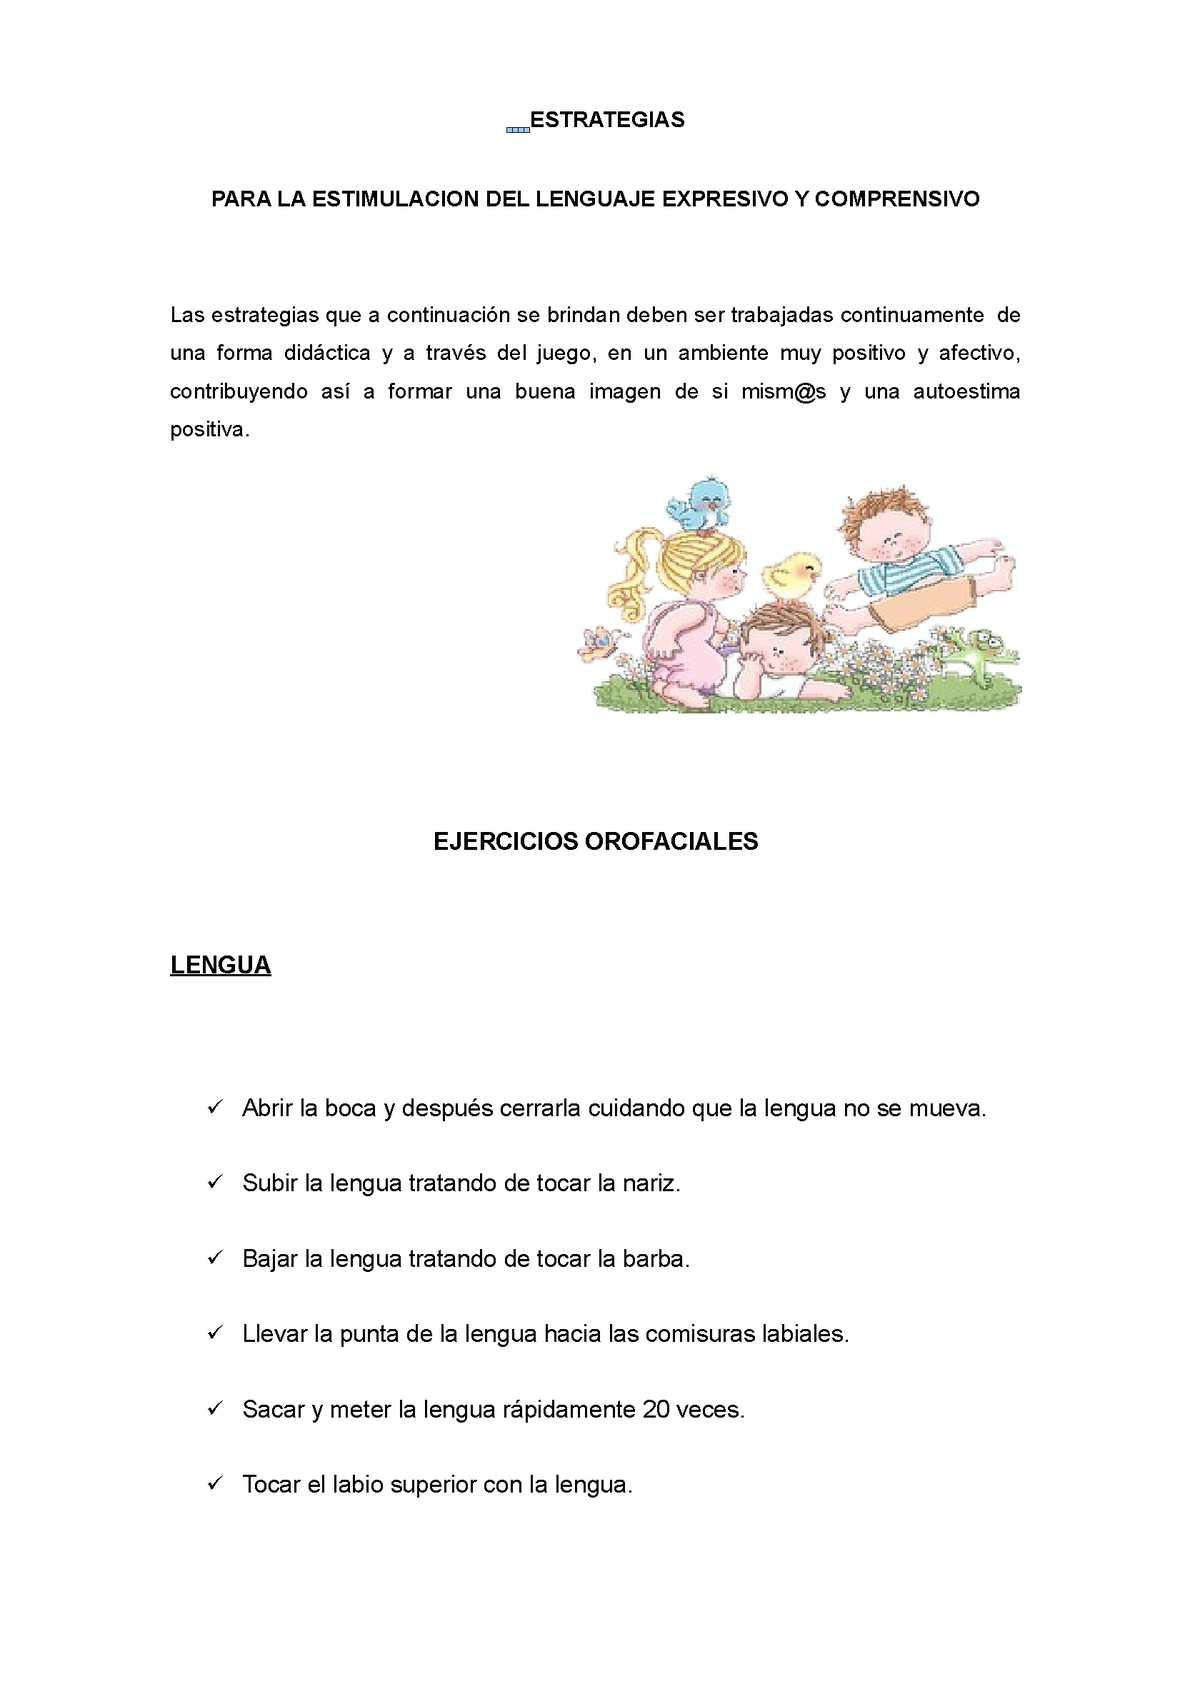 ESTIMULACION DEL LENGUAJE EXPRESIVO Y COMPRENSIVO